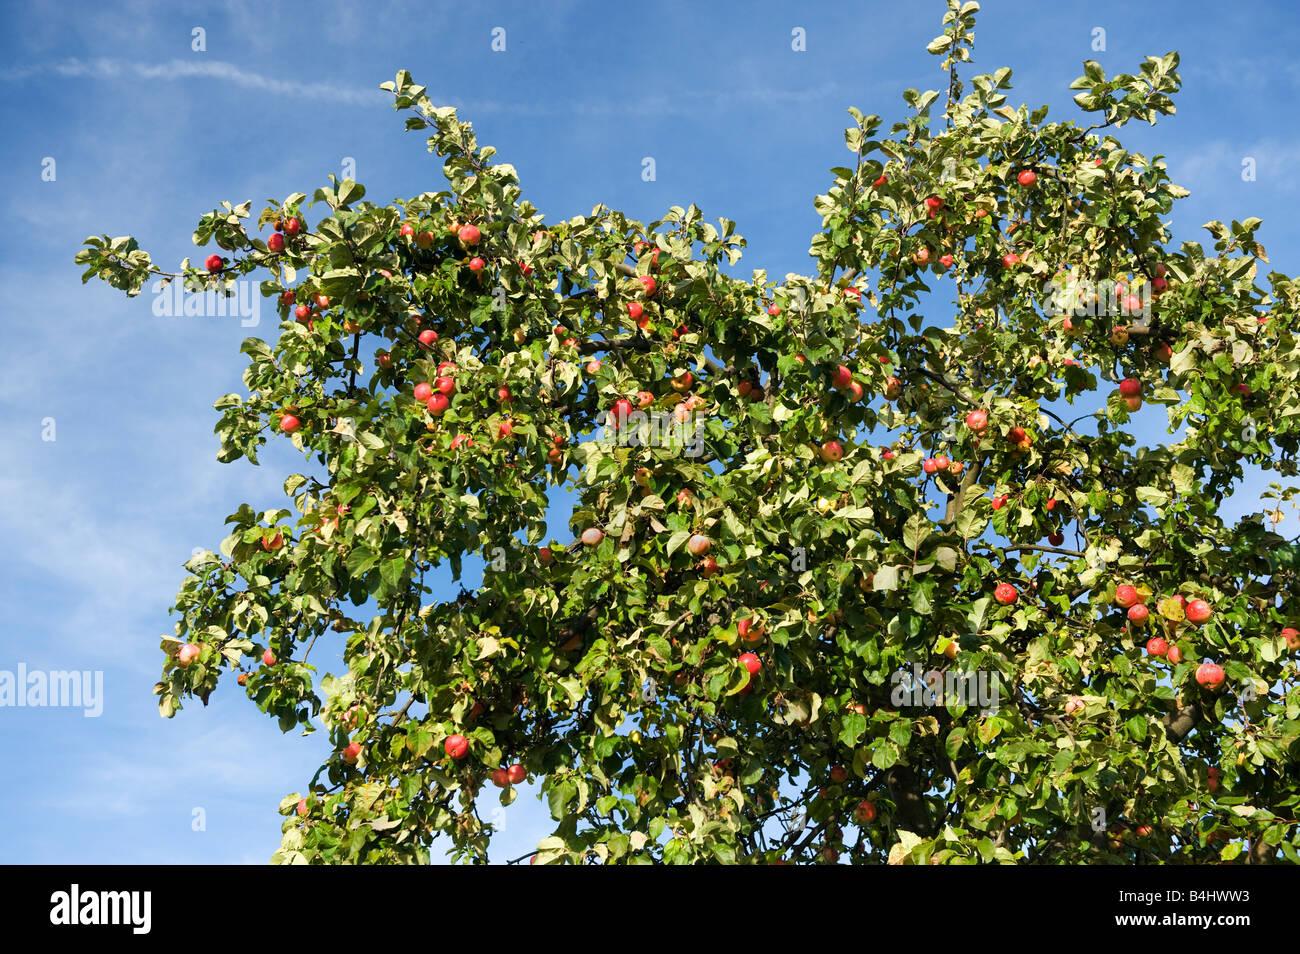 Big Apple Tree avec des pommes mûres pour la récolte des pommes rouges ciel bleu grande récolte riche Photo Stock